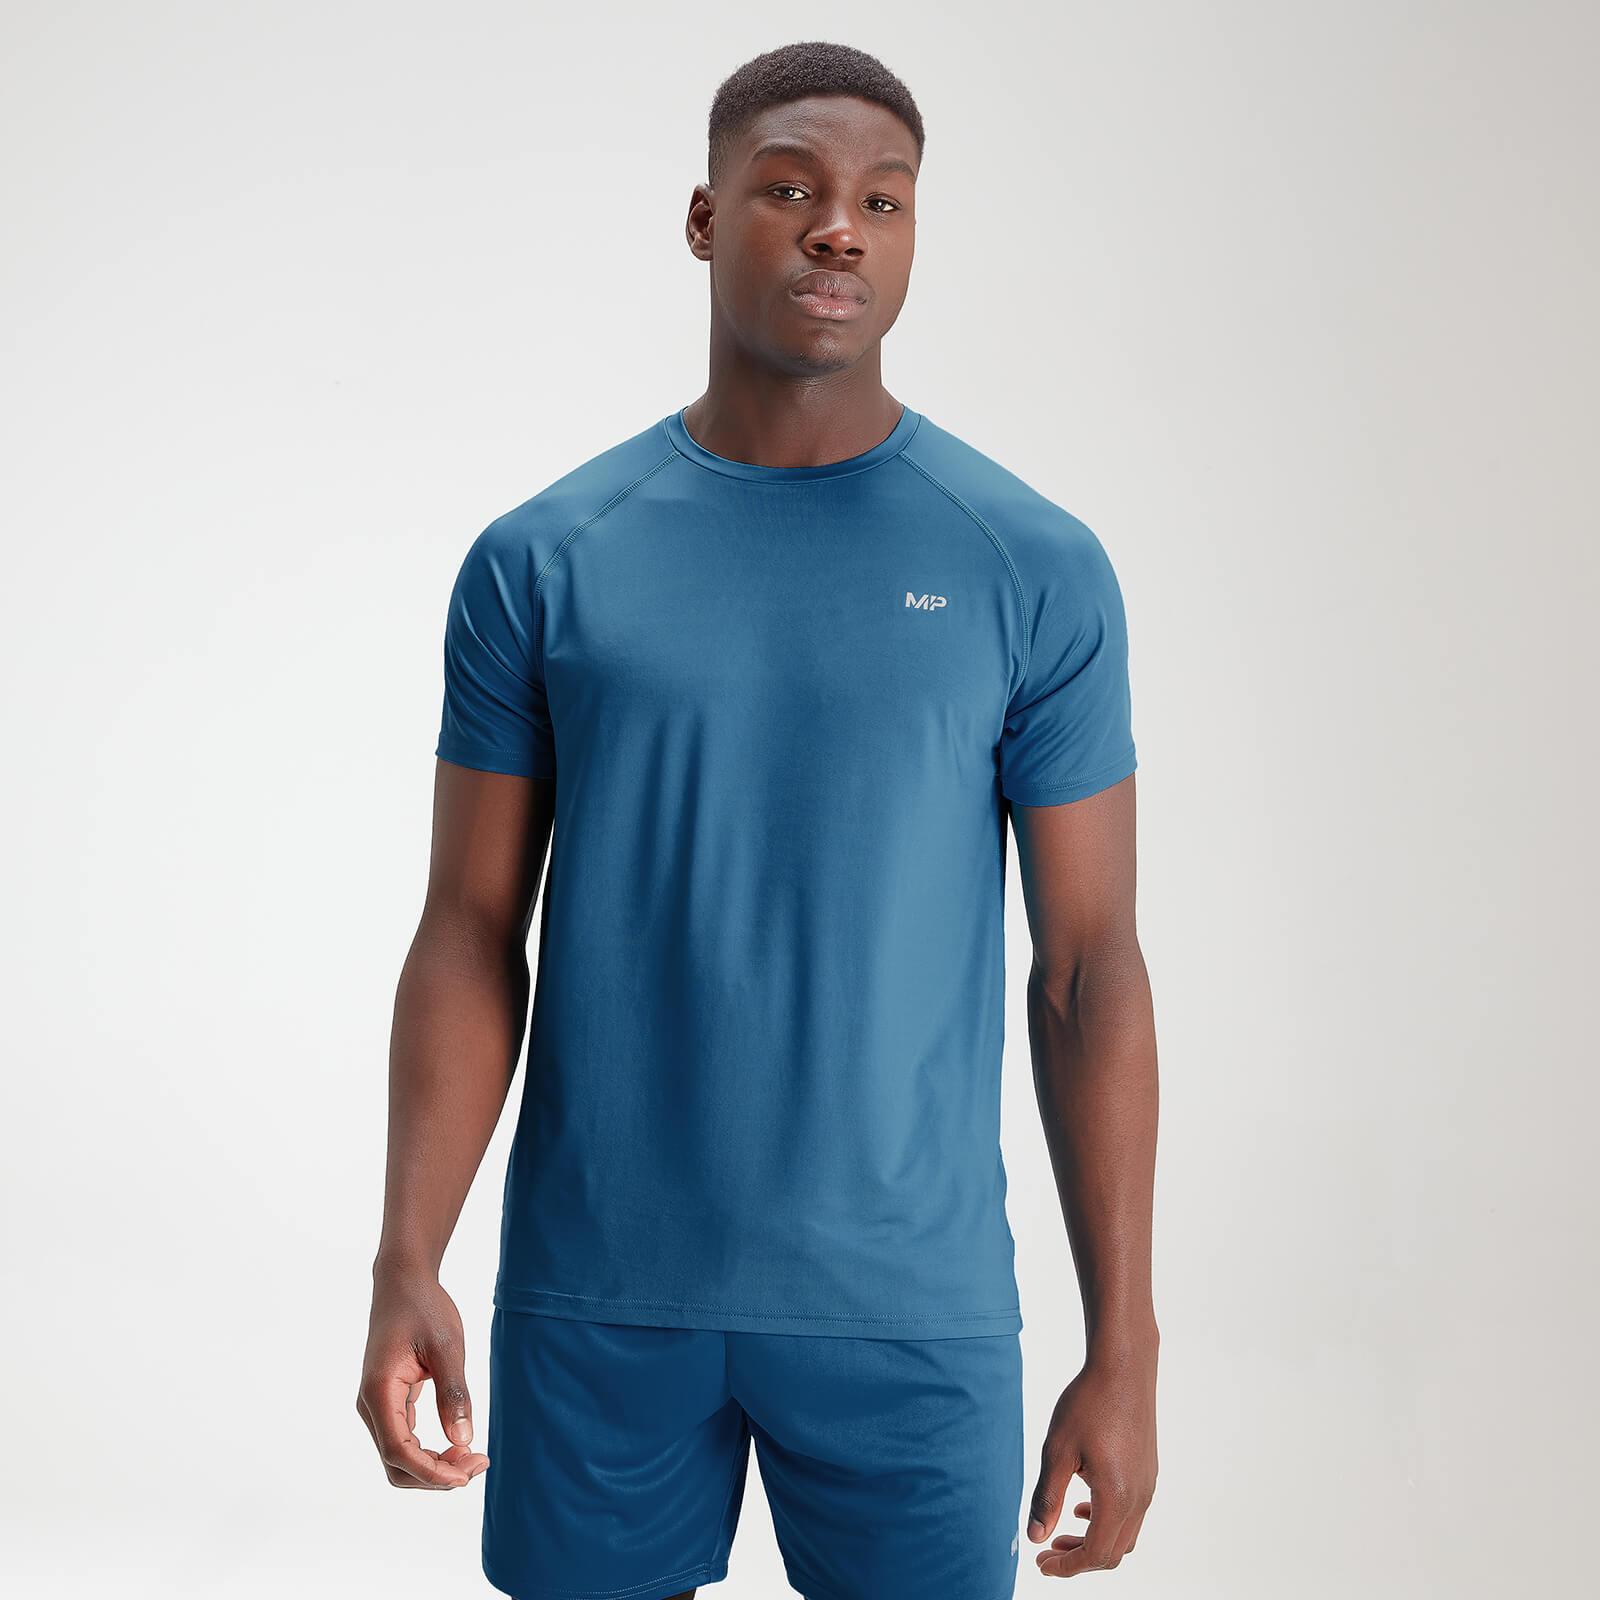 MP Mens Essentials Training Short Sleeve T-Shirt - Aqua - XS